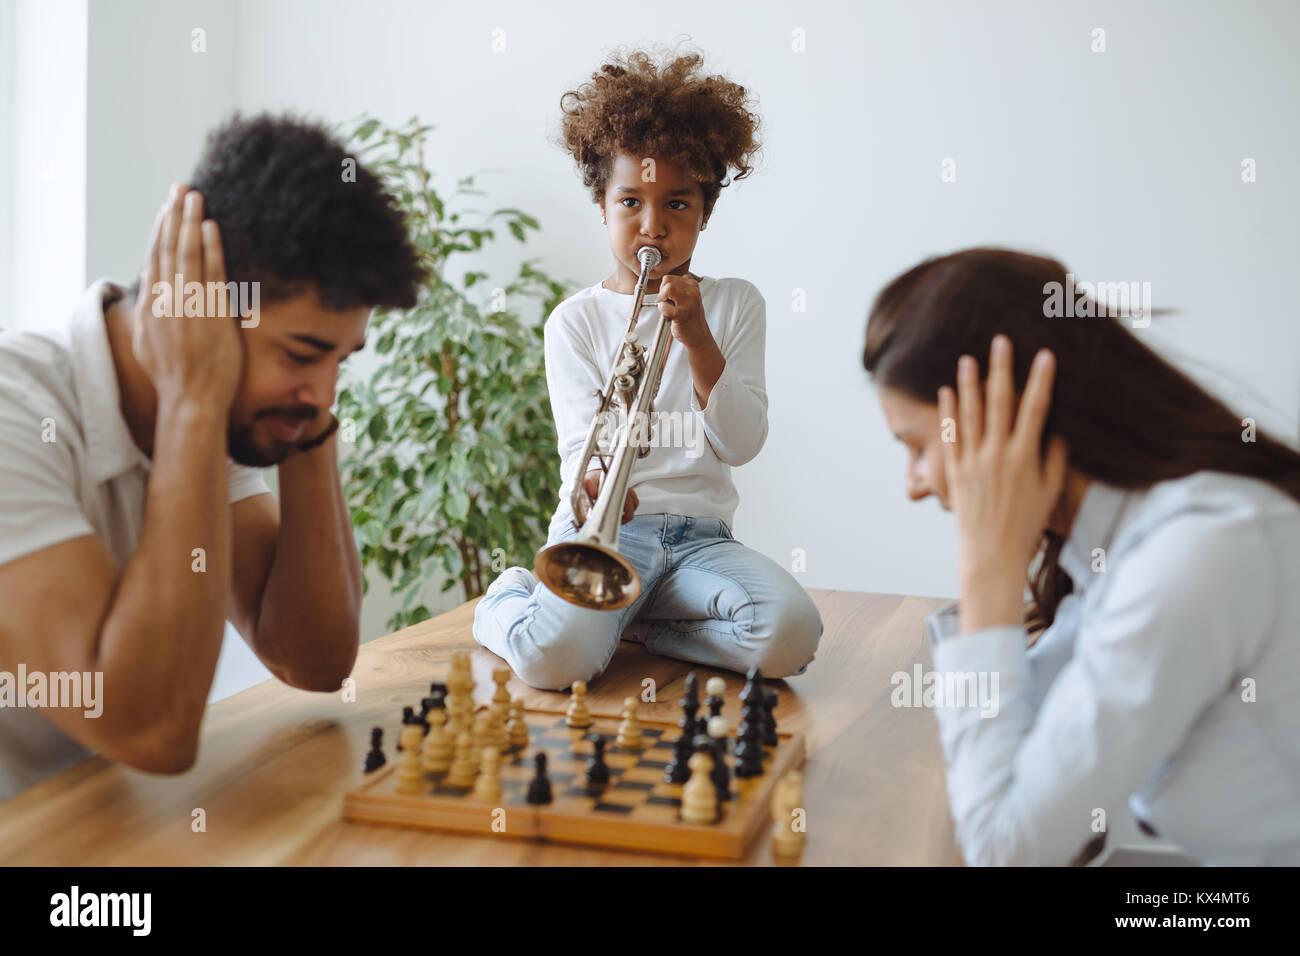 La mère et le père essayant de jouer aux échecs pendant que leur enfant joue trompette Banque D'Images